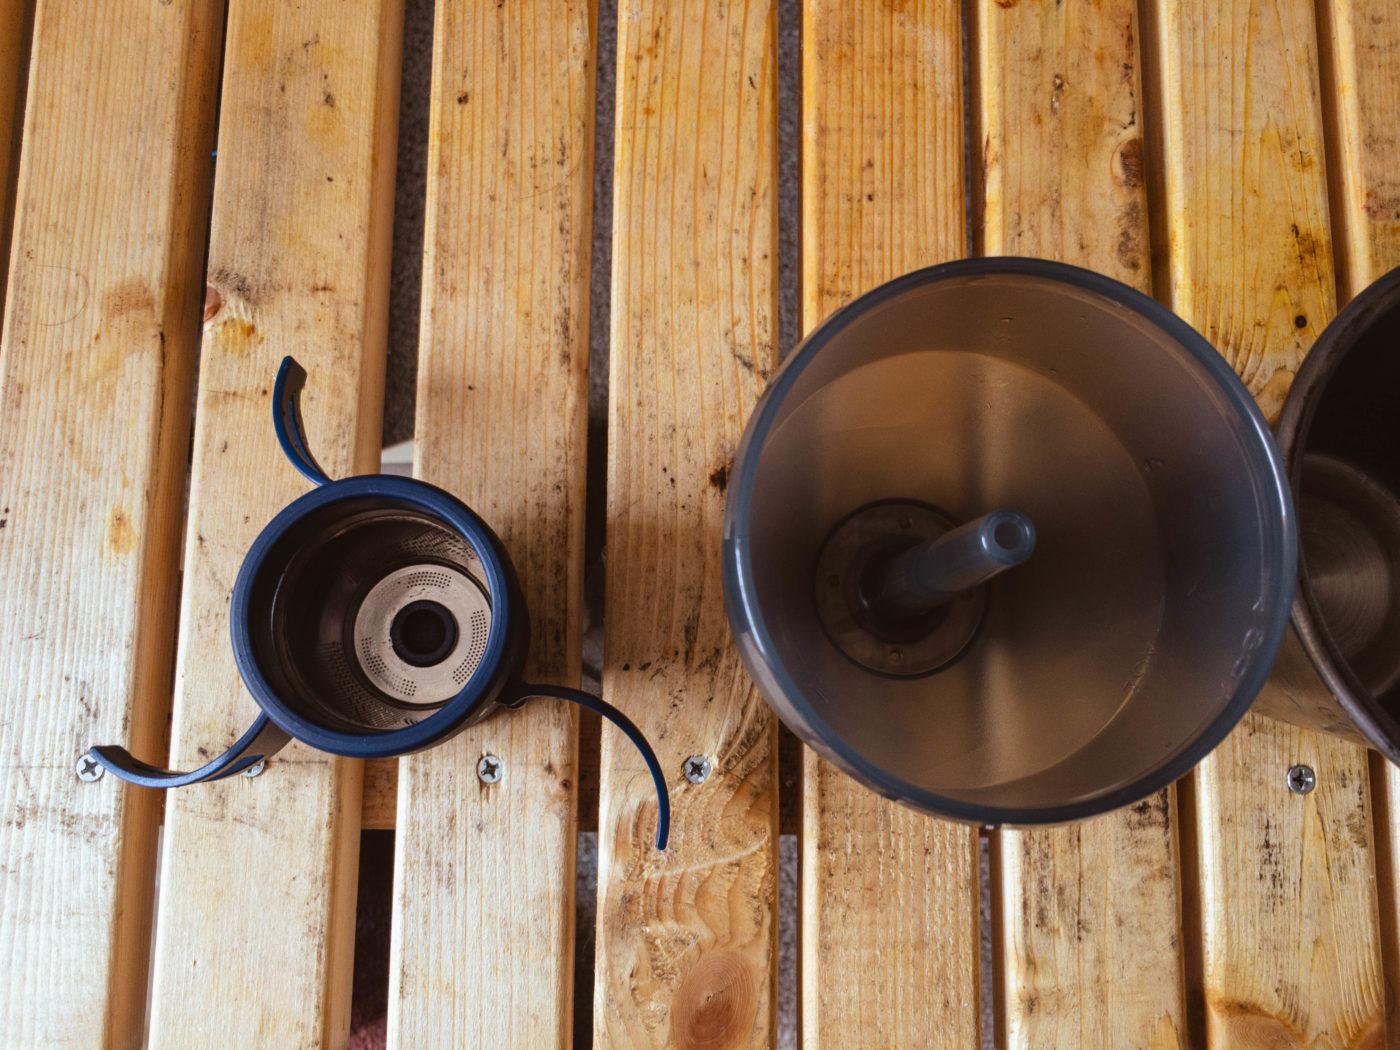 写真左が粉を入れるパーツ。右がお湯を入れるパーツ。